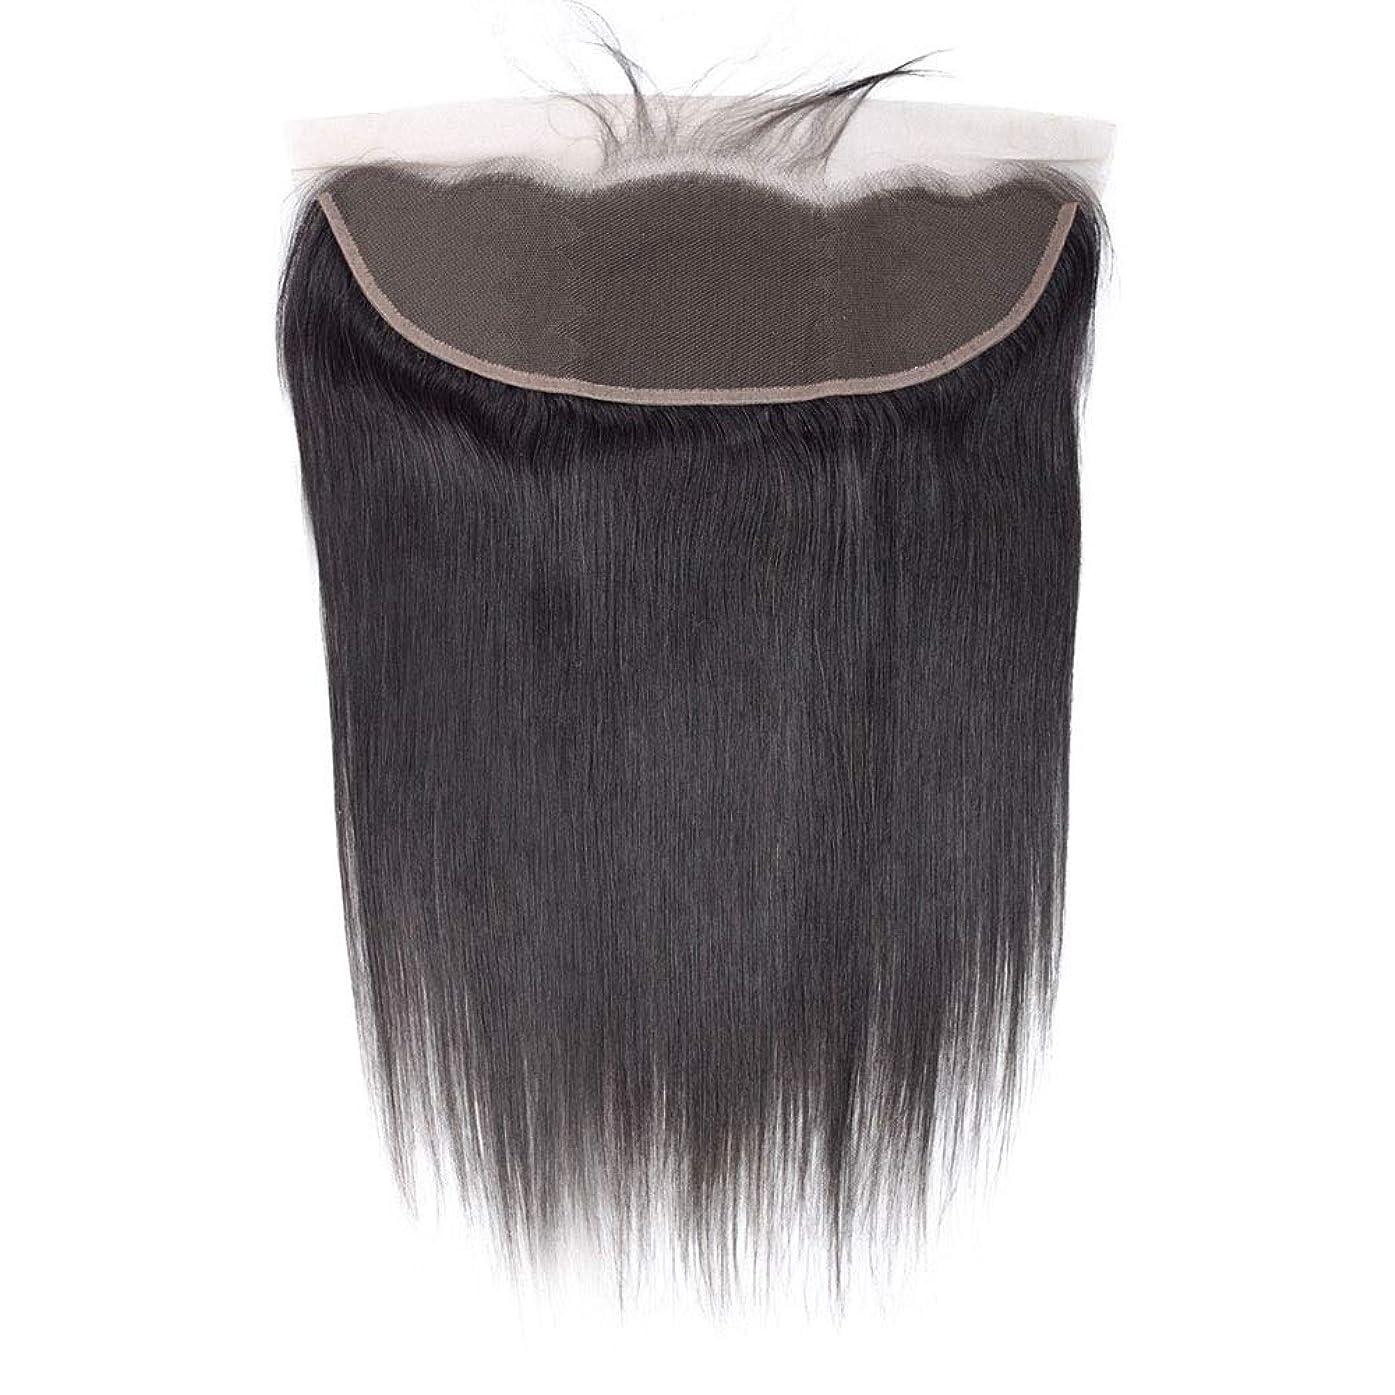 足ライトニング反対Yrattary ブラジルバンドルストレート人間の髪織りエクステンション13X4フリーパーツレースクロージャーナチュラルカラーダブル横糸(8インチ-26インチ)女性用合成かつらレースかつらロールプレイングかつら (色 : 黒, サイズ : 10 inch)